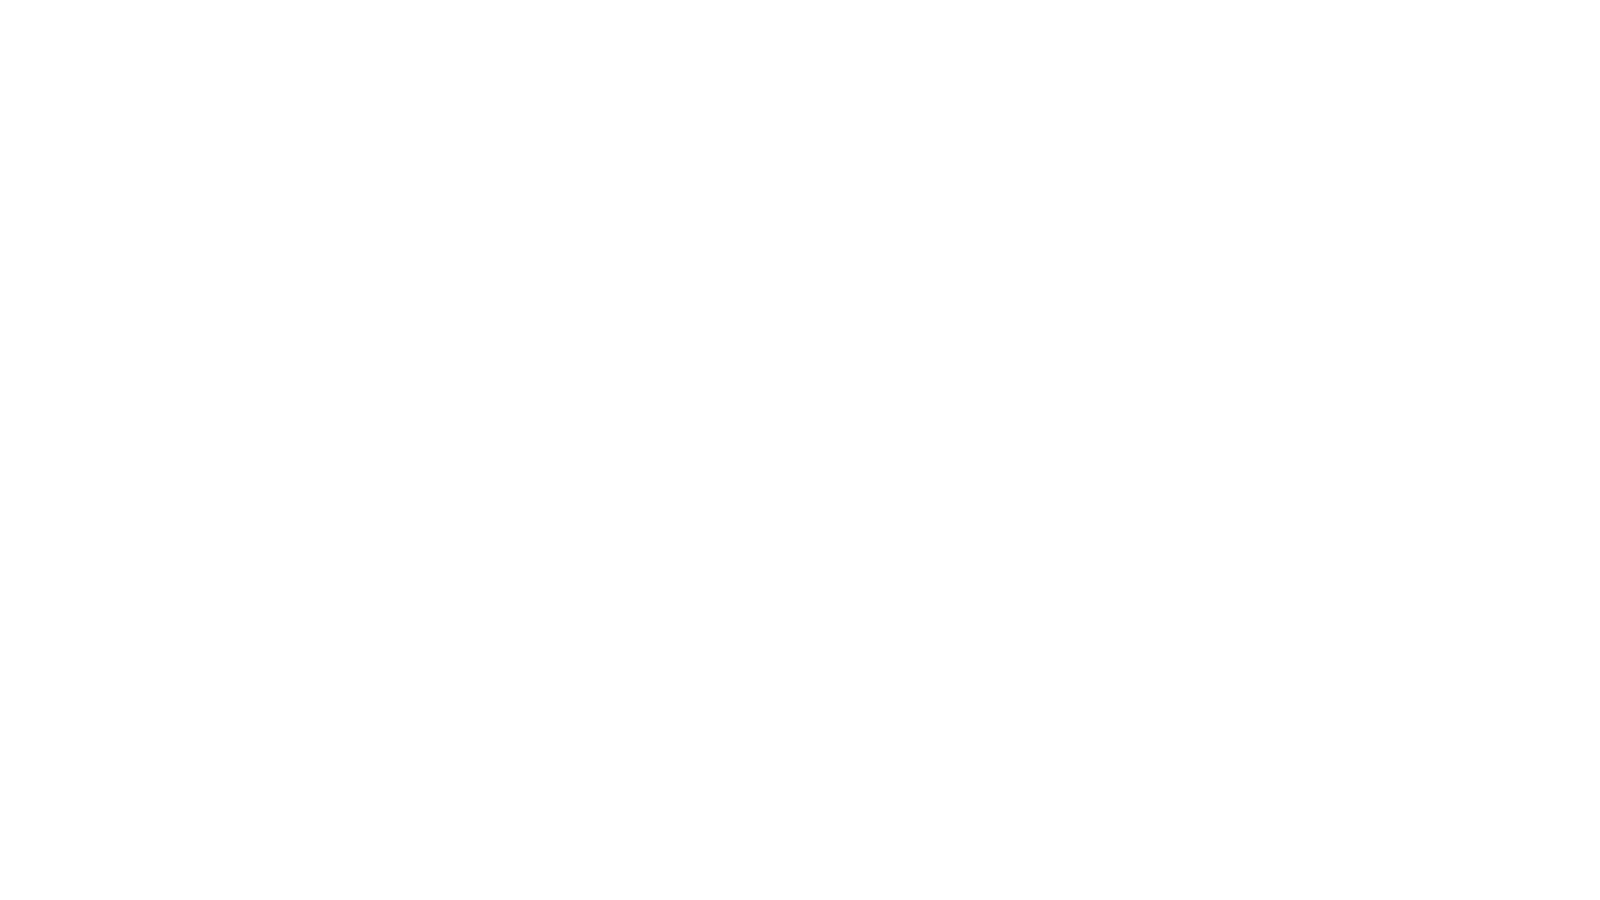 En esta ocasión nuestro Gerente de Producto BioTime Colombia, te da un recorrido por las más recientes funciones agregadas a nuestro software, explicándote a detalle la importancia de cada una en el proceso de gestión del Tiempo y Asistencia y el cálculo de novedades de pre-nómina.  📝 Formulario de Satisfacción de nuestro Live: https://forms.gle/hrZyYSXTm1mAo8Cu8  Síguenos en nuestras Redes Sociales  Facebook  👉🏽 https://www.facebook.com/ZKTecoColombia Instagram 👉🏽 https://www.instagram.com/zktecocolombia/ LinkedIn    👉🏽 https://www.linkedin.com/company/zktecocolombia  Si lo deseas puedes unirte a nuestro canal de noticias de WhatsApp  📲 y ser parte de nuestro grupo VIP 💎 que recibe primero nuestras:  📢 Más Recientes Noticias ⭐ Lanzamientos de Productos 📅 Fechas de Webinars y Eventos Online 🎁 Concursos  Únete con el siguiente Link 👇 https://chat.whatsapp.com/CKjyMEjgzAJKFC2b7IOUKI